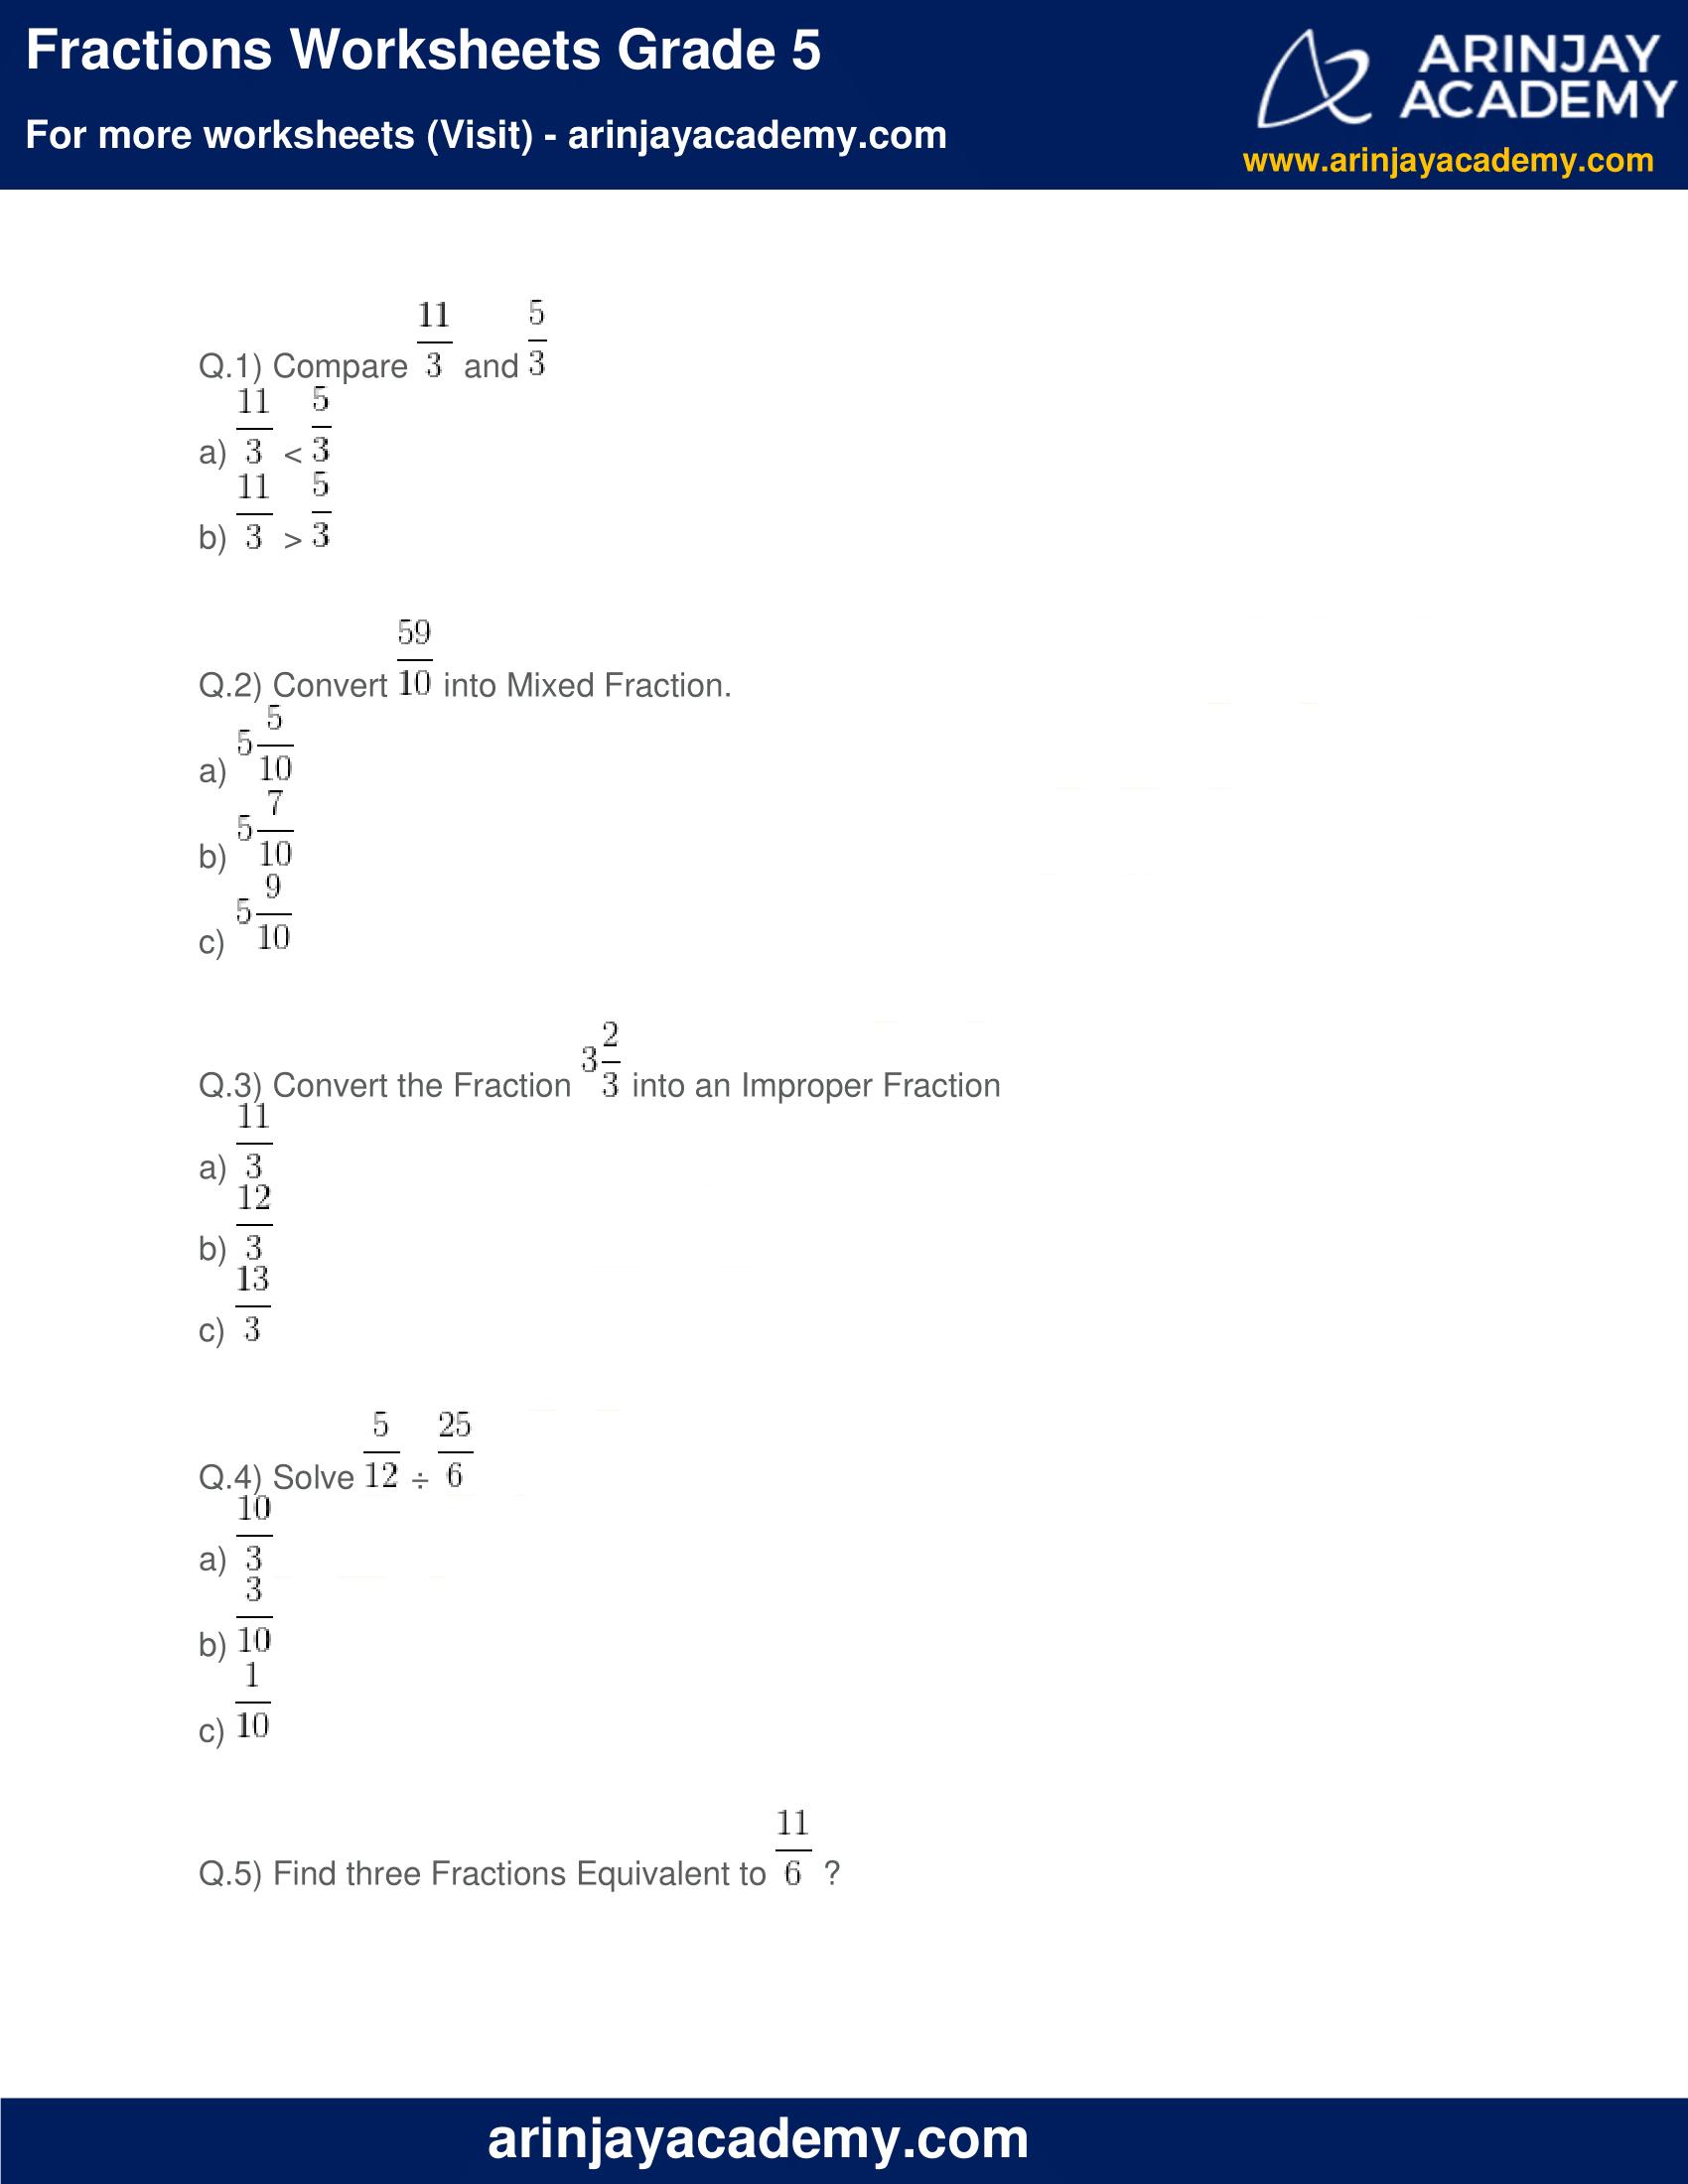 Fractions Worksheets Grade 5 image 1